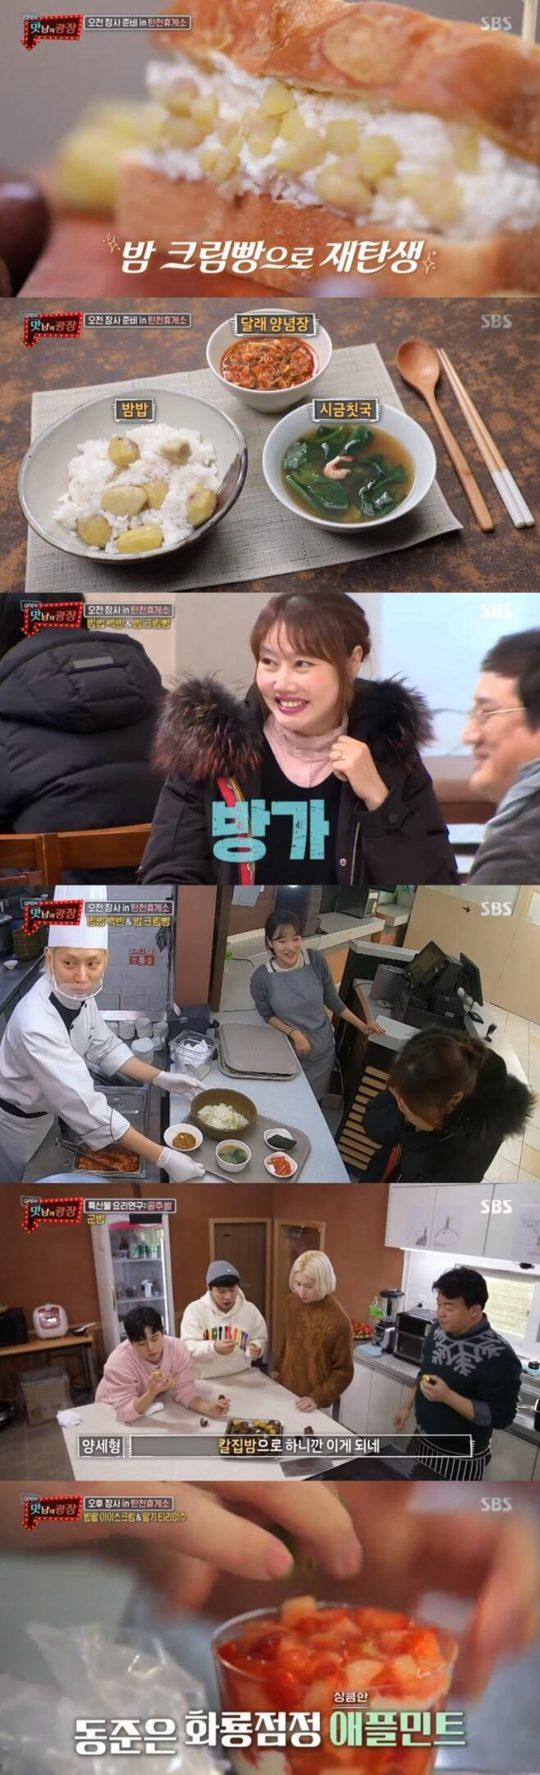 사진=SBS '맛남의 광장' 방송 화면 캡처.